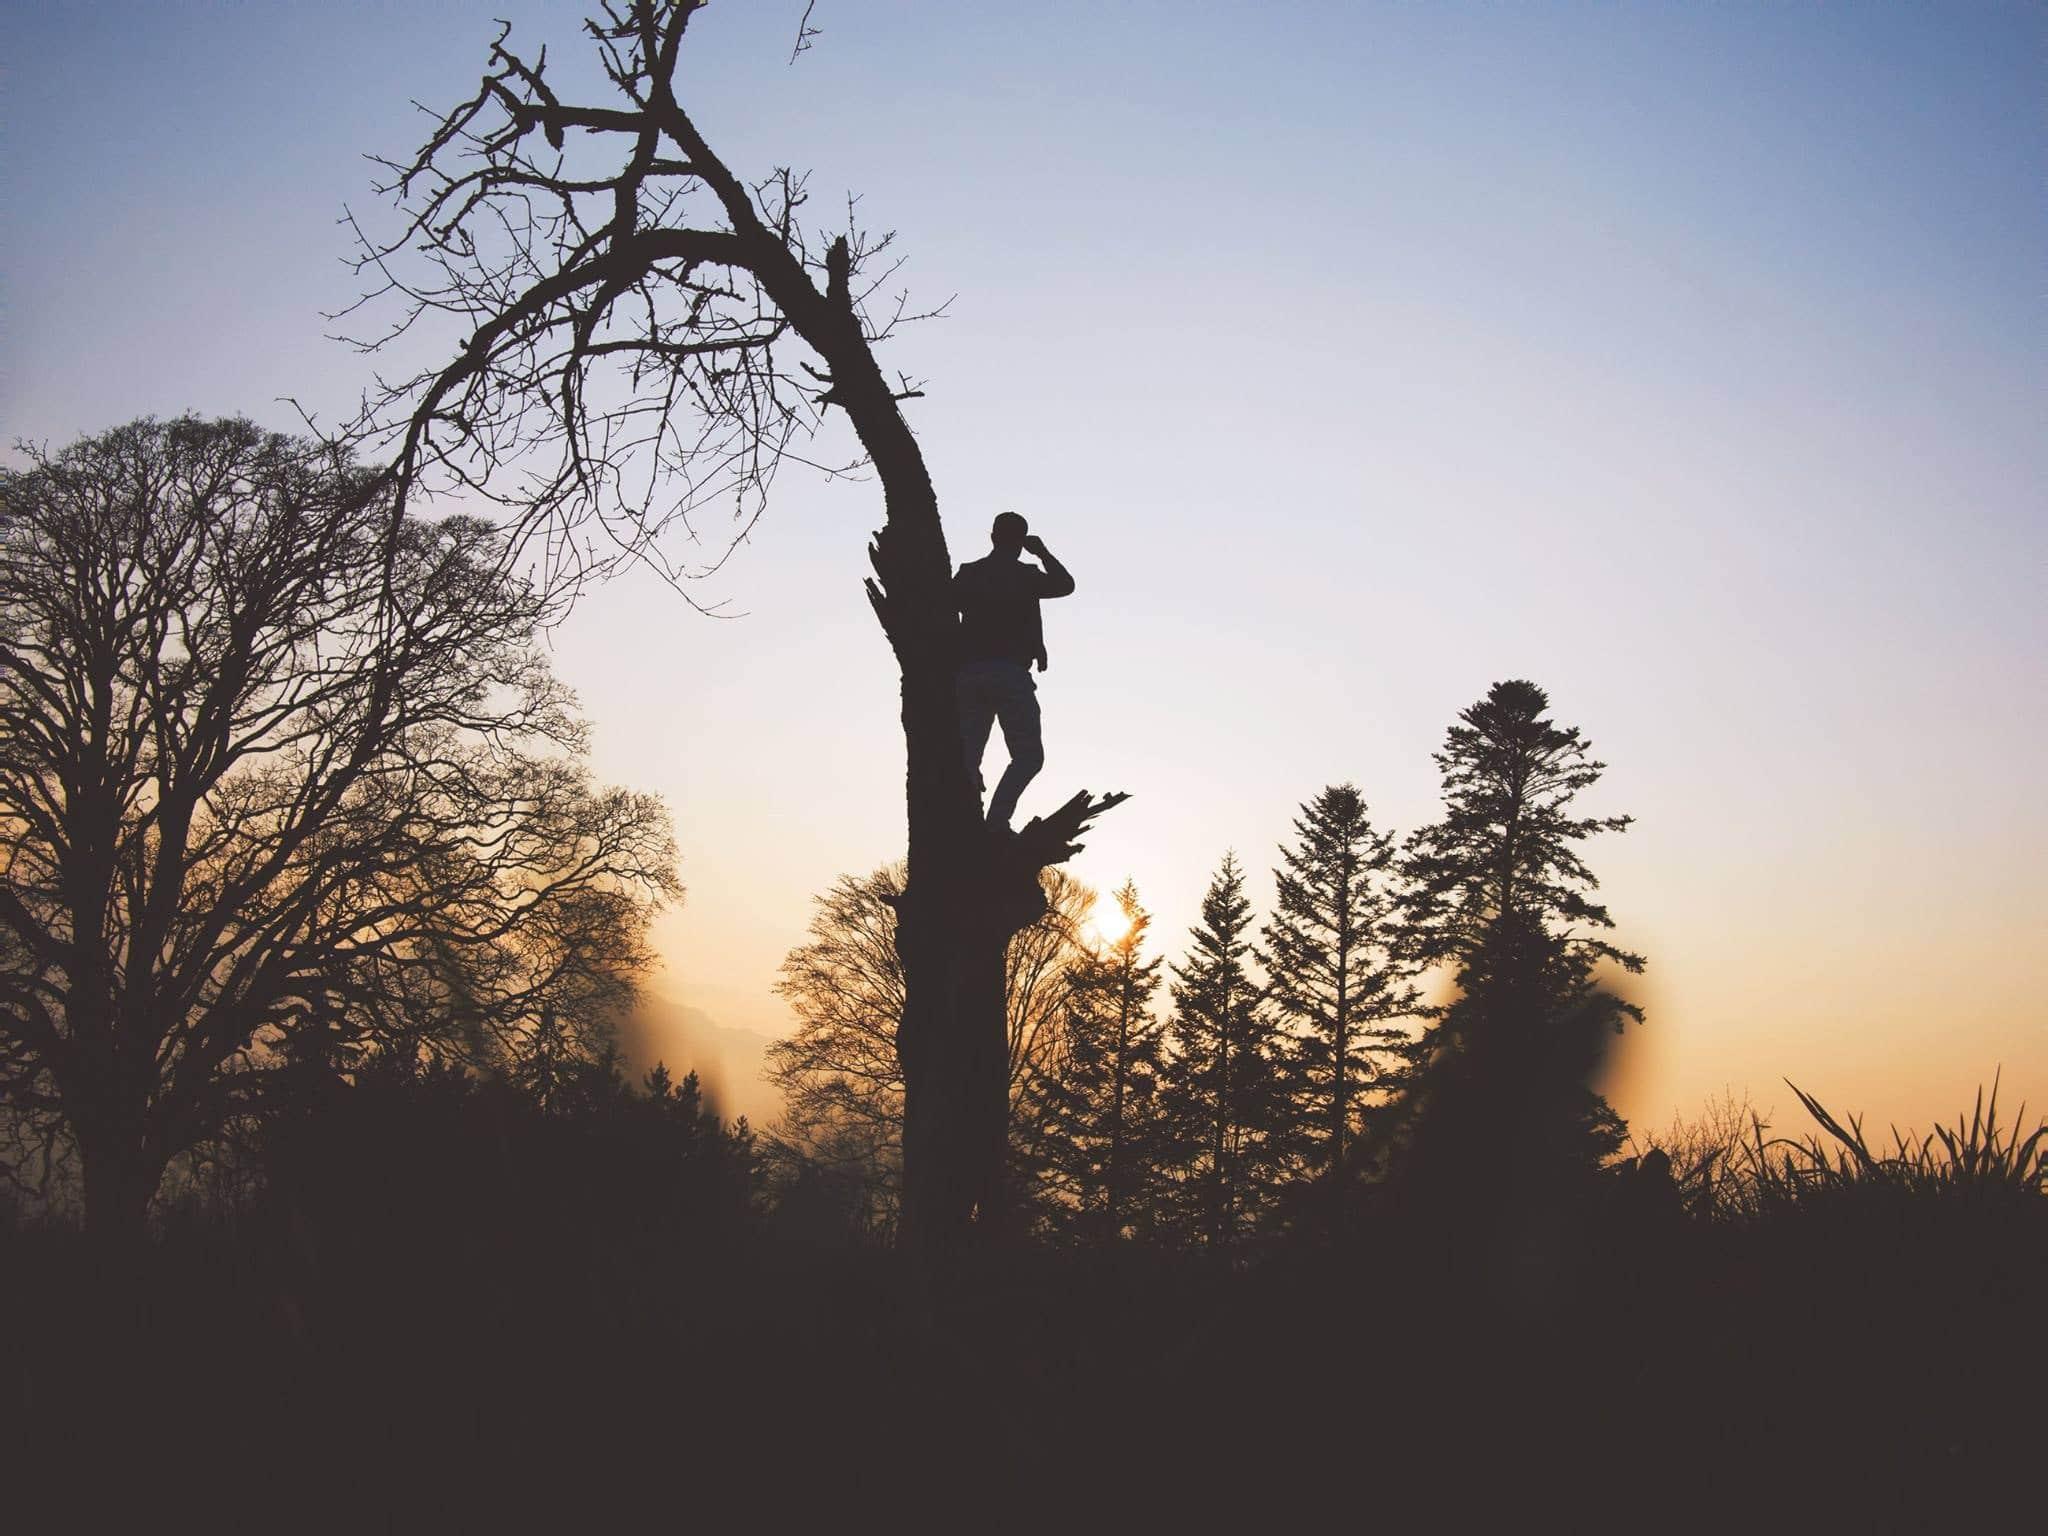 Silhueta de homem em cima de árvore e pôr-do-sol